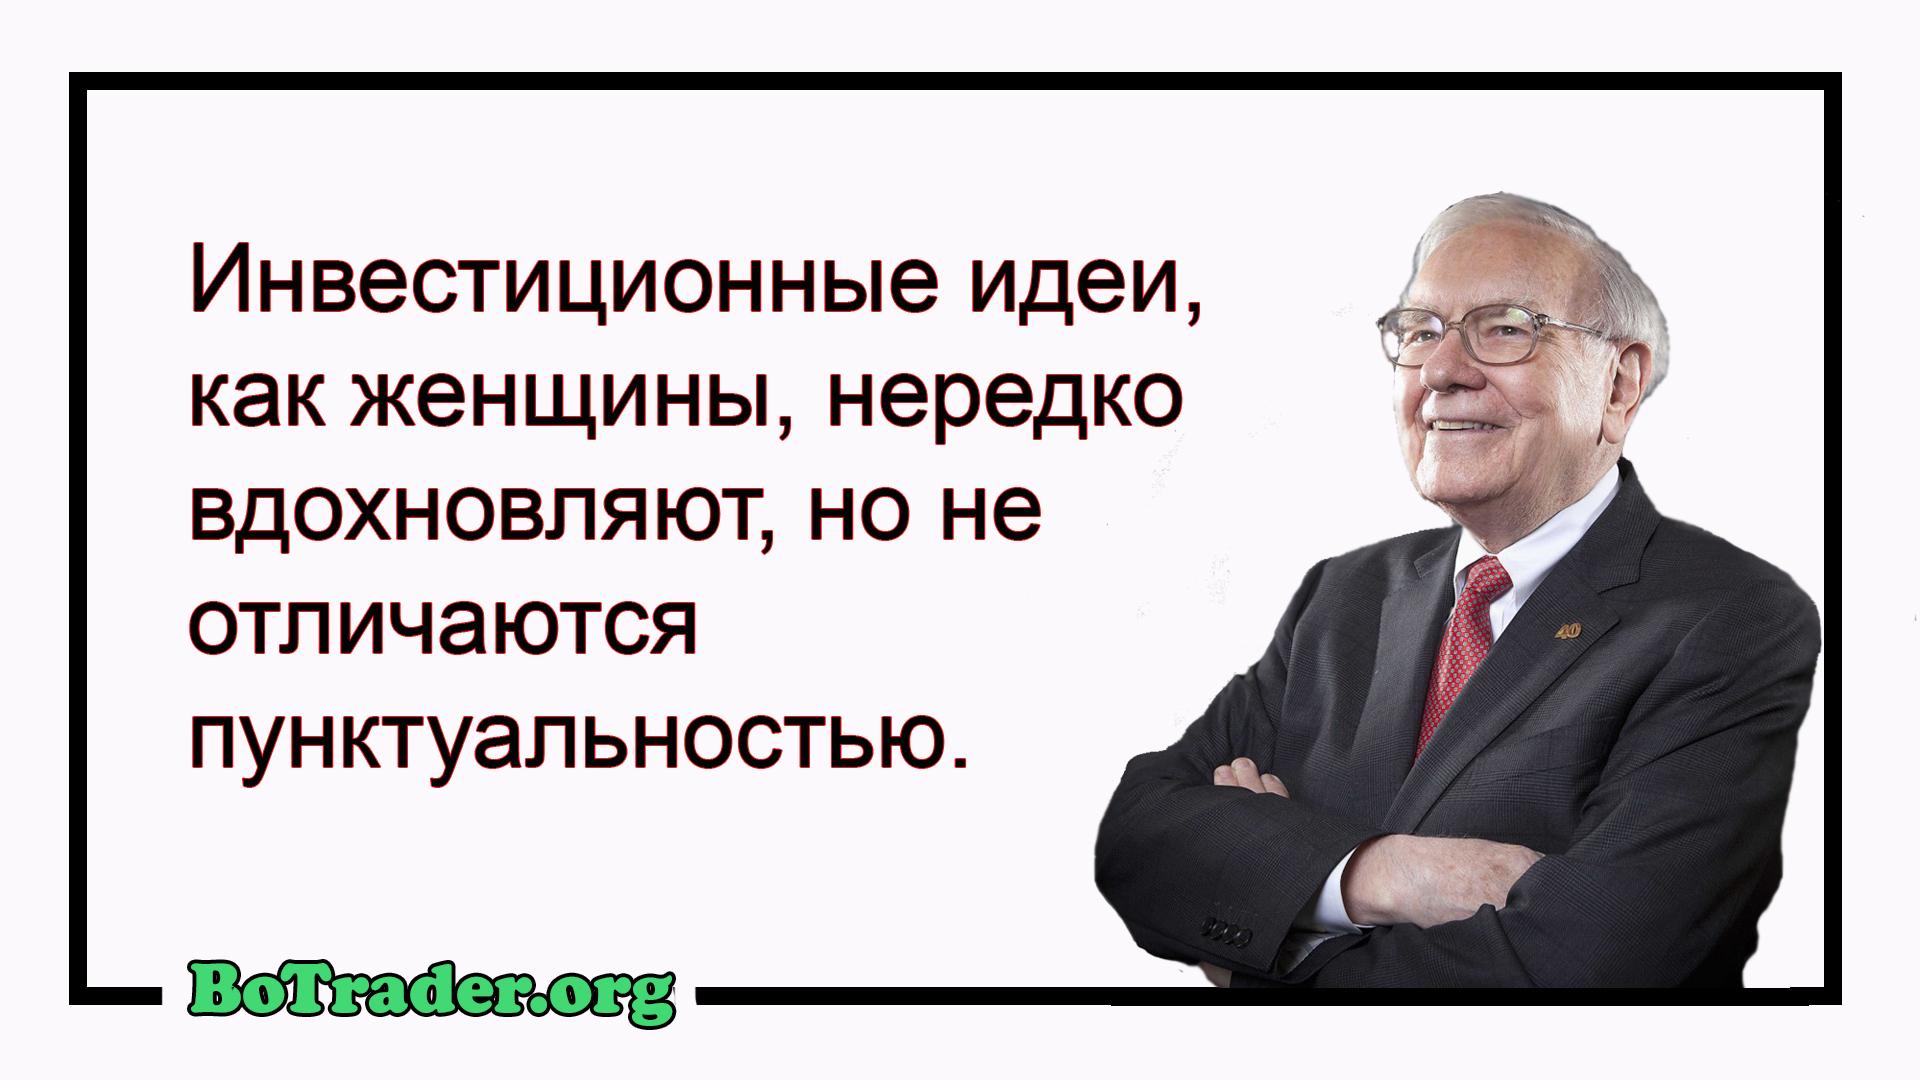 Цитата 3 Правила инвестирования Уоррена Баффетта Джереми Миллер